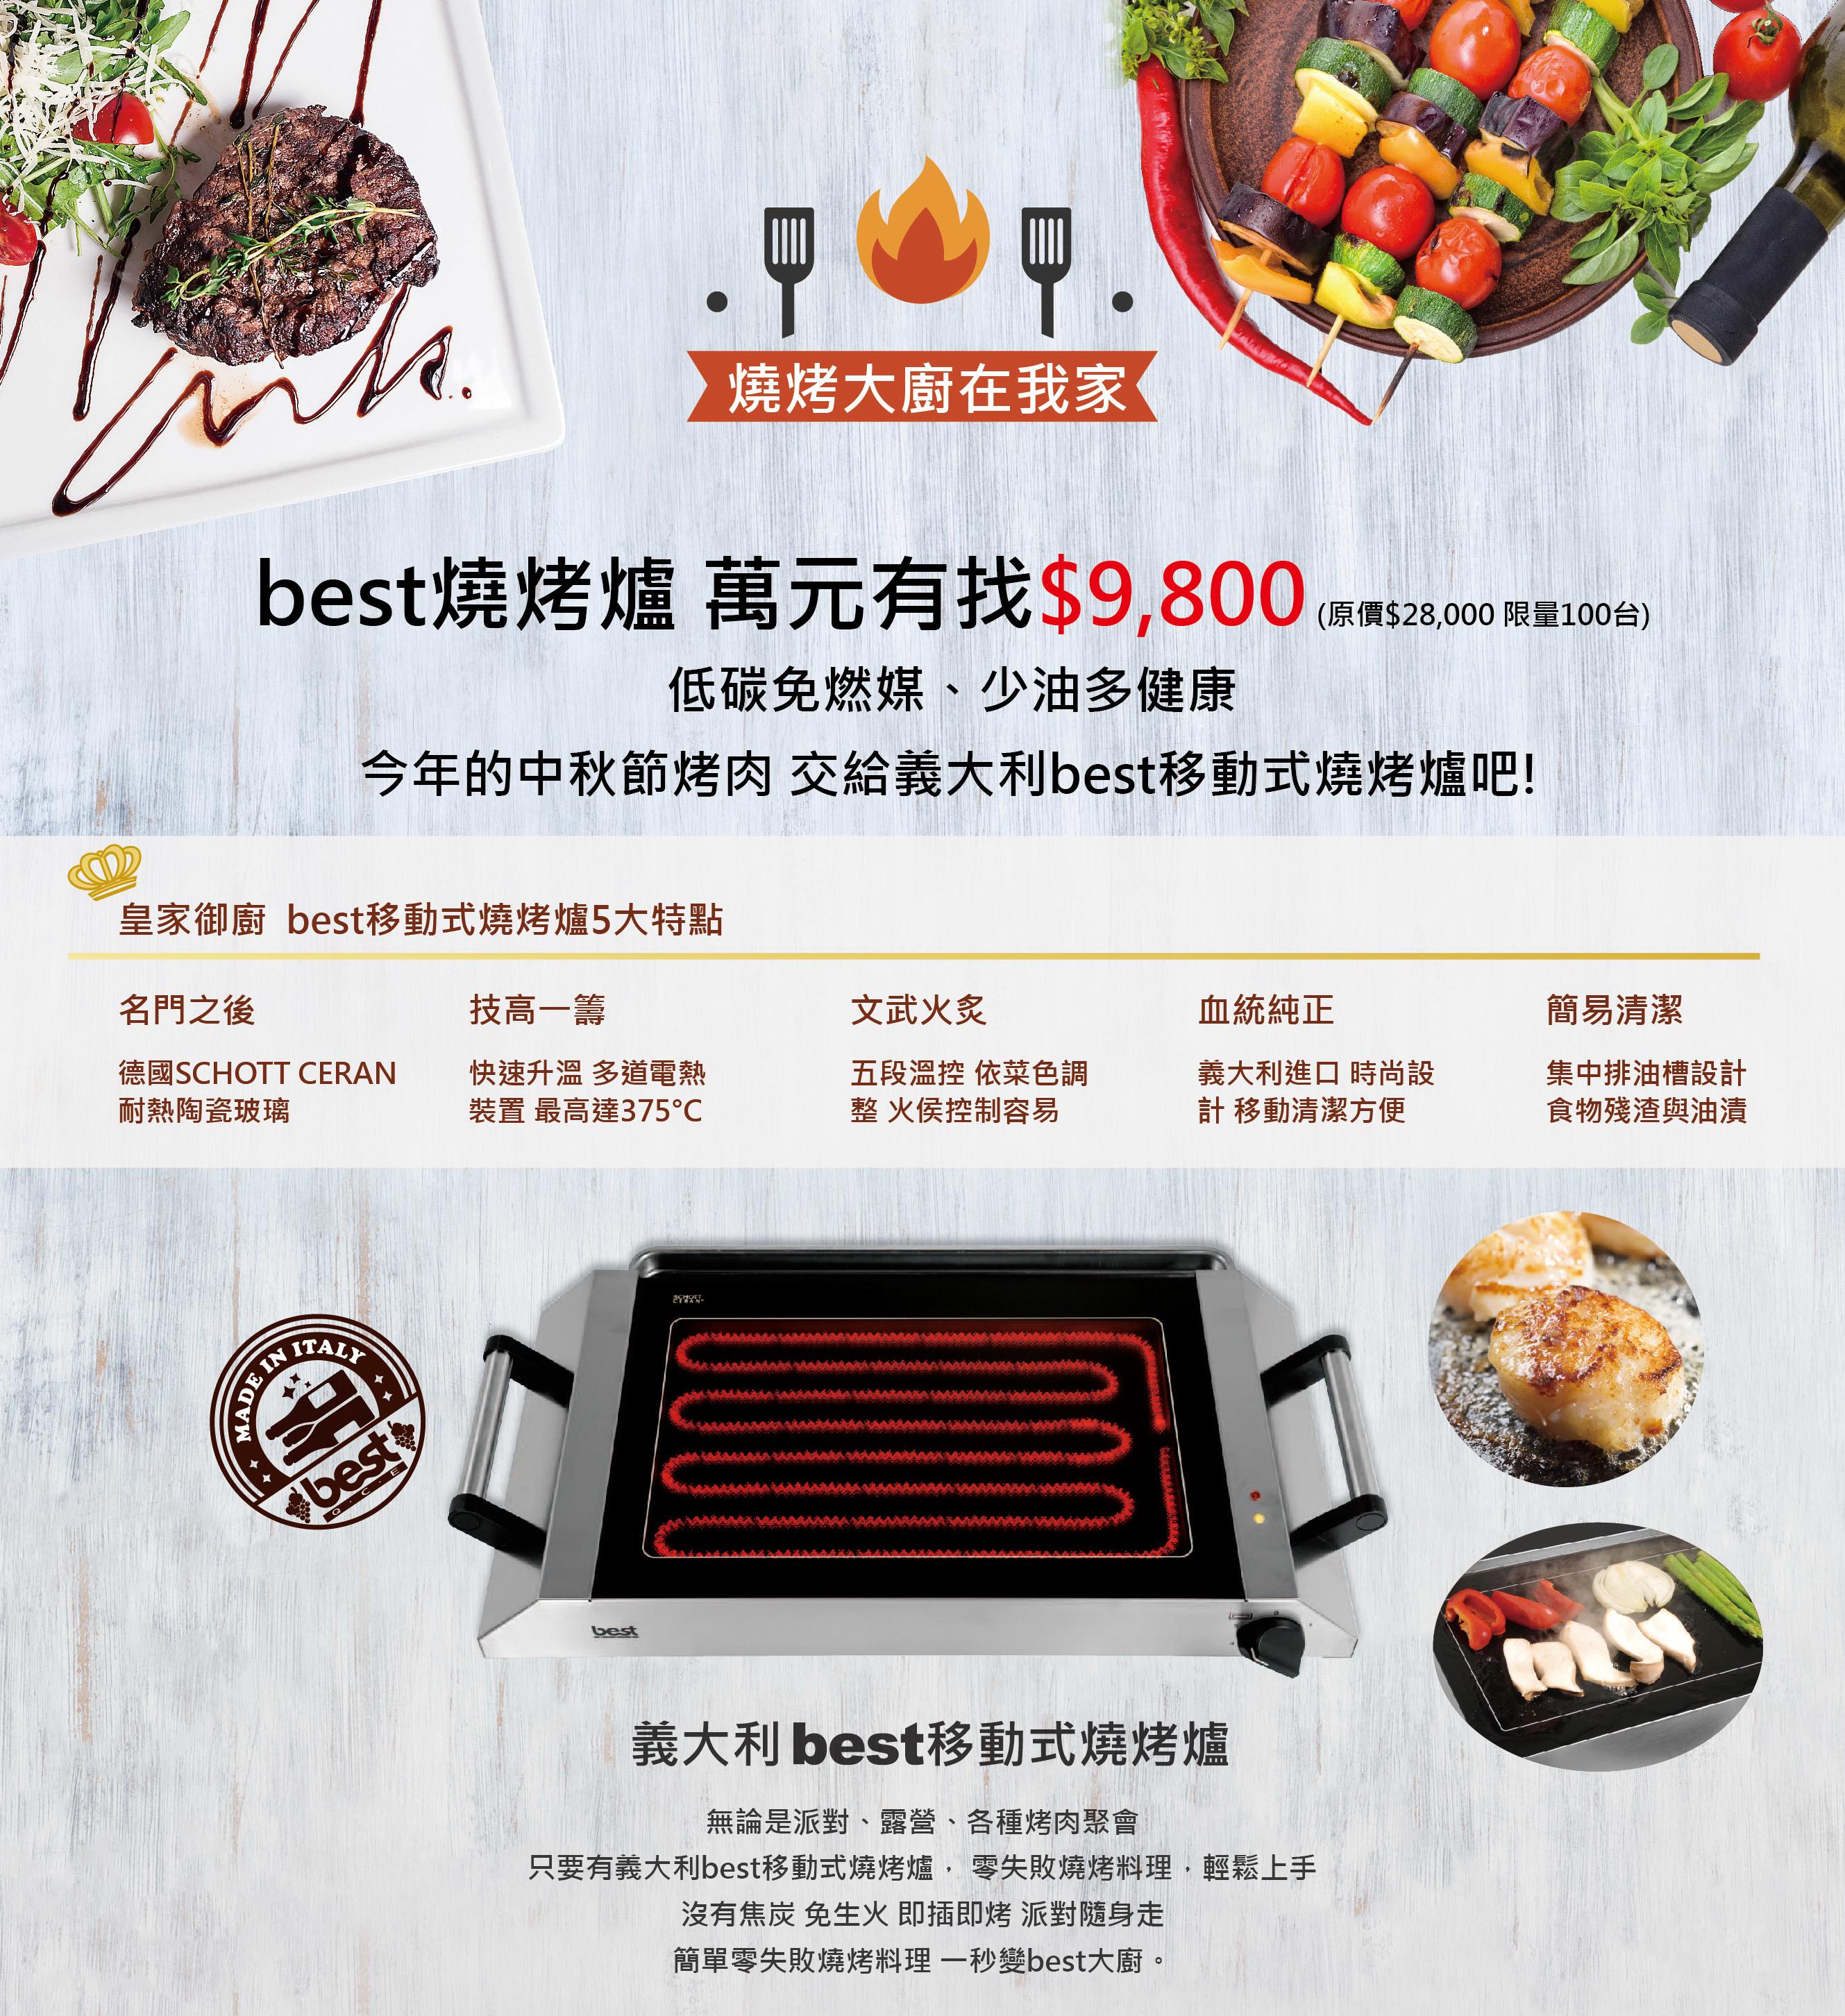 【燒烤大廚在我家】best燒烤爐 萬元有找$9,800 (限時搶購)